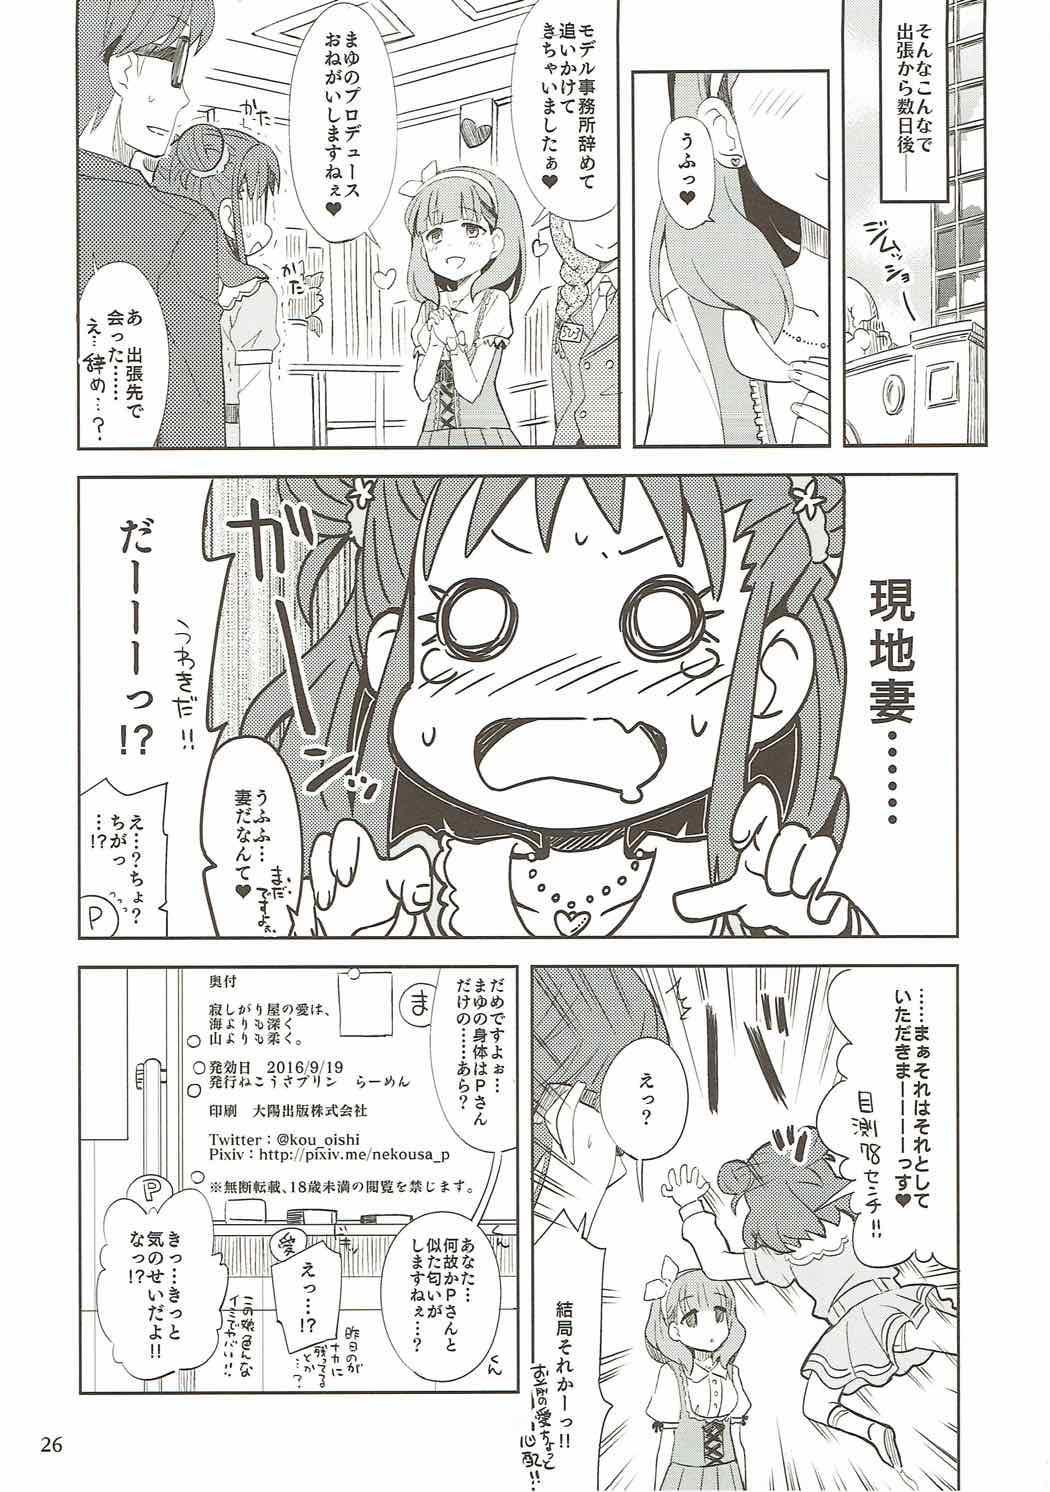 Samishigariya no Ai wa Umi yori mo Fukaku, Yama yori mo Yawai. 24